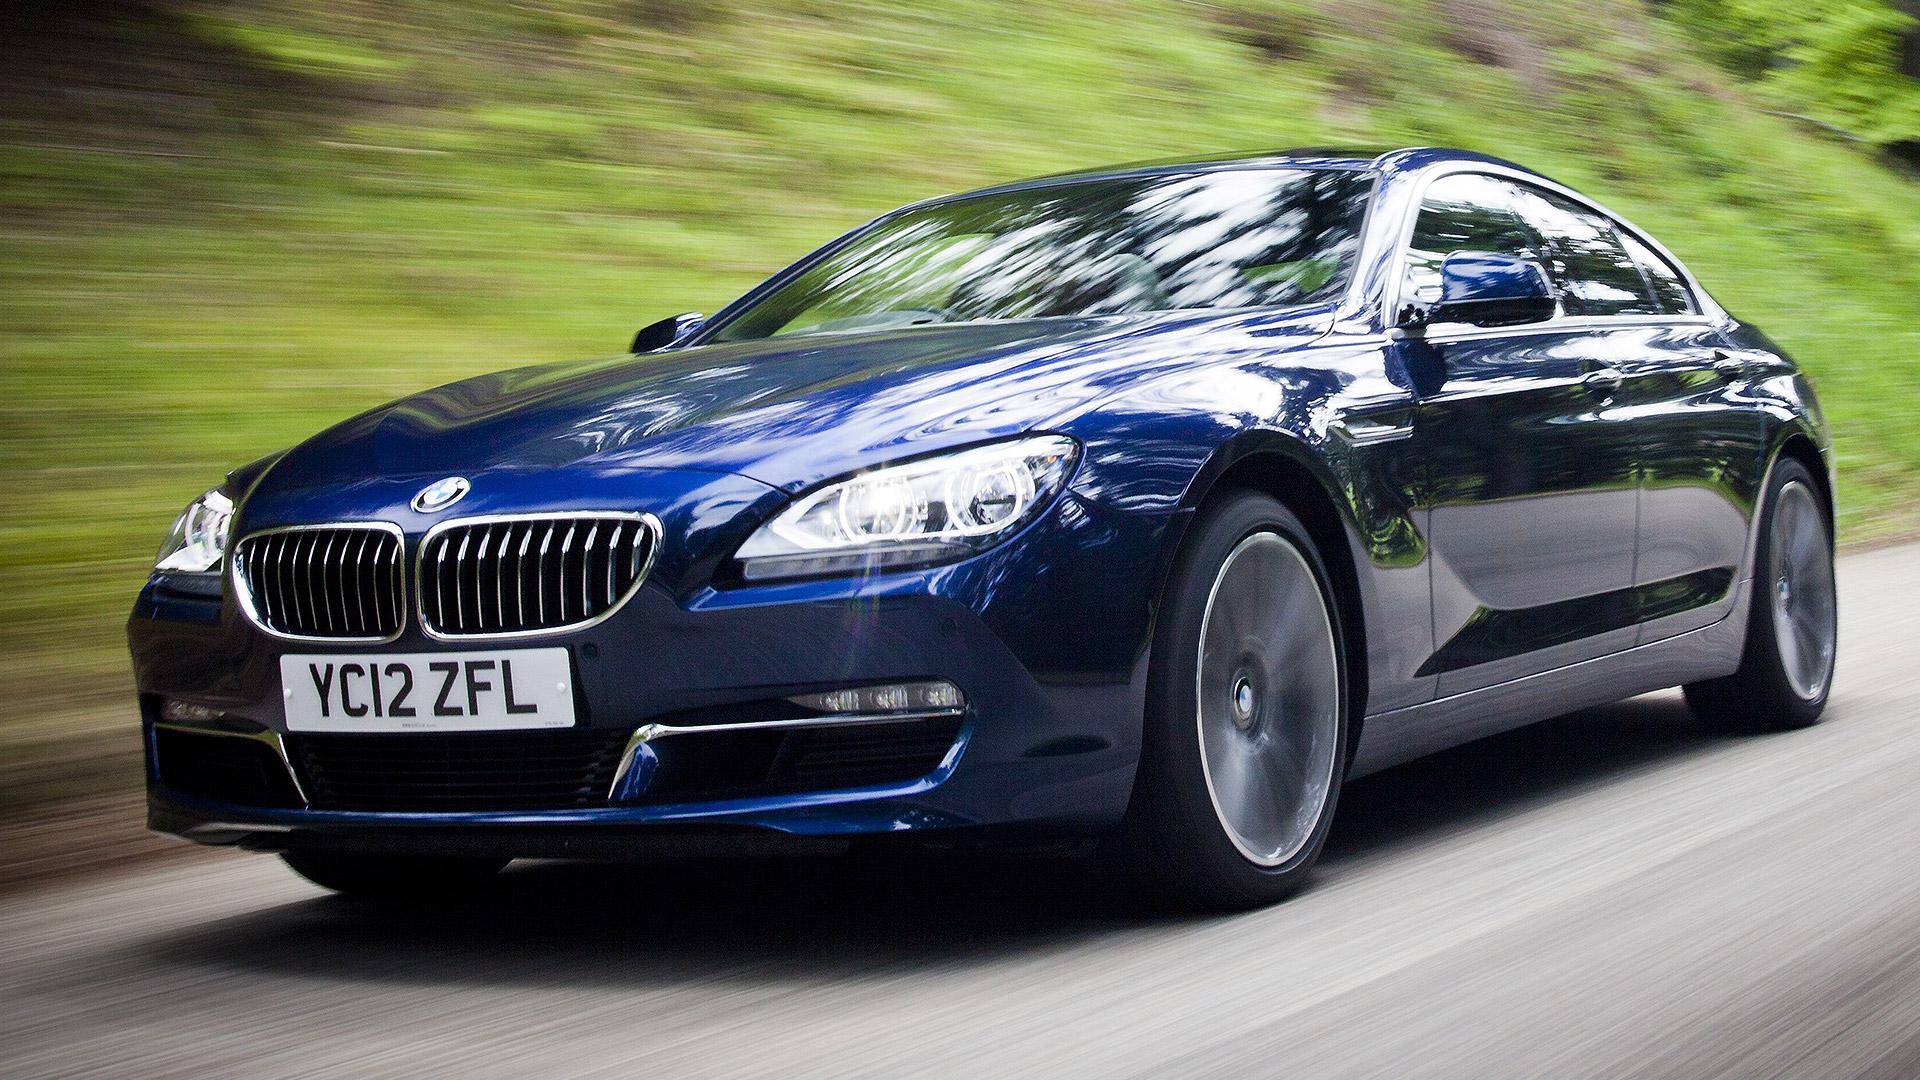 BMW 6 series 2015 640d Eminence Exterior